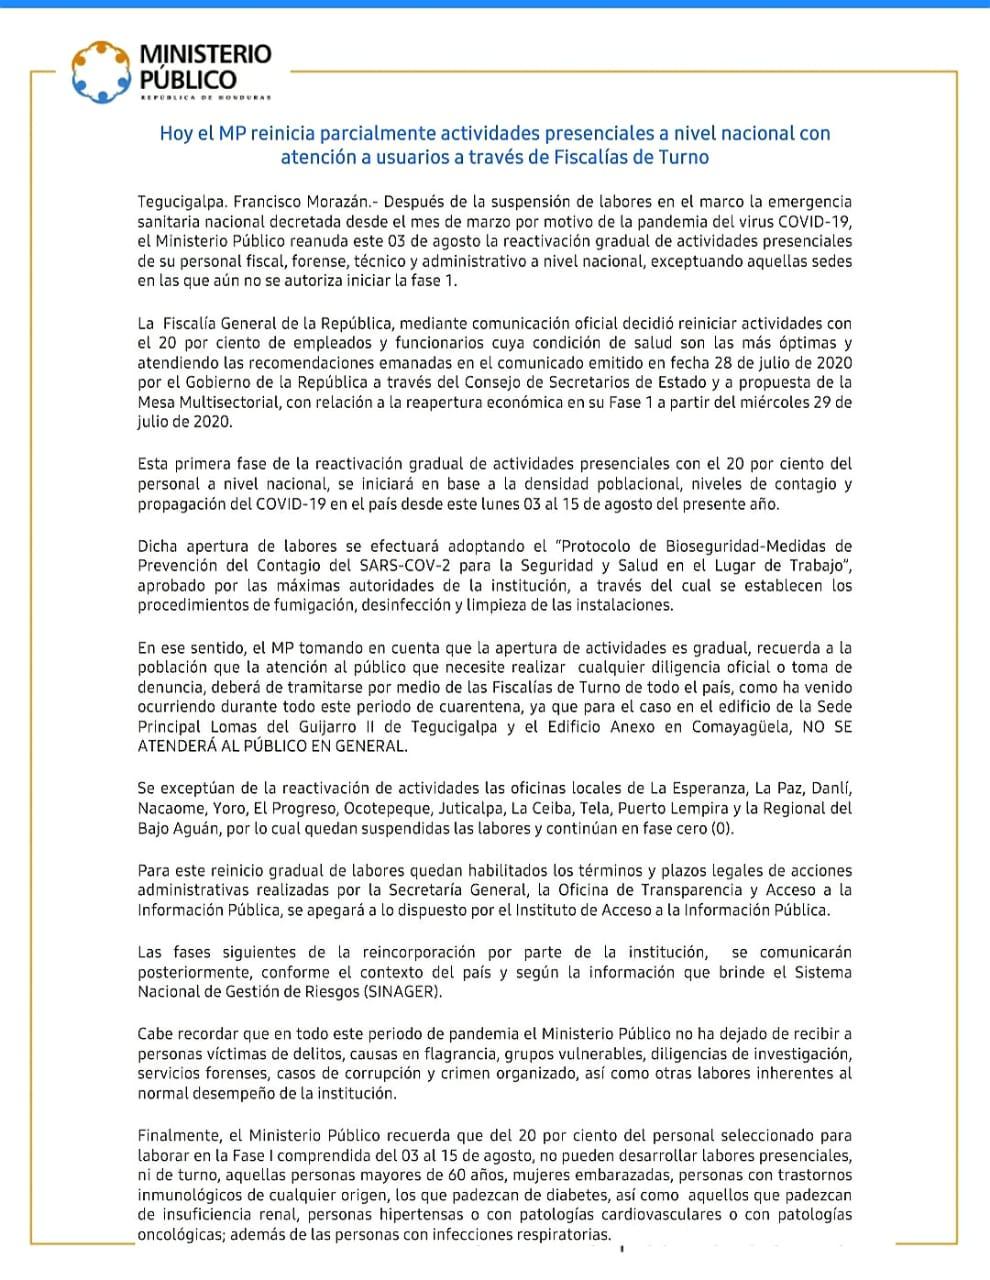 REAPERTURA PARCIAL DE LABORES 03 AGOSTO